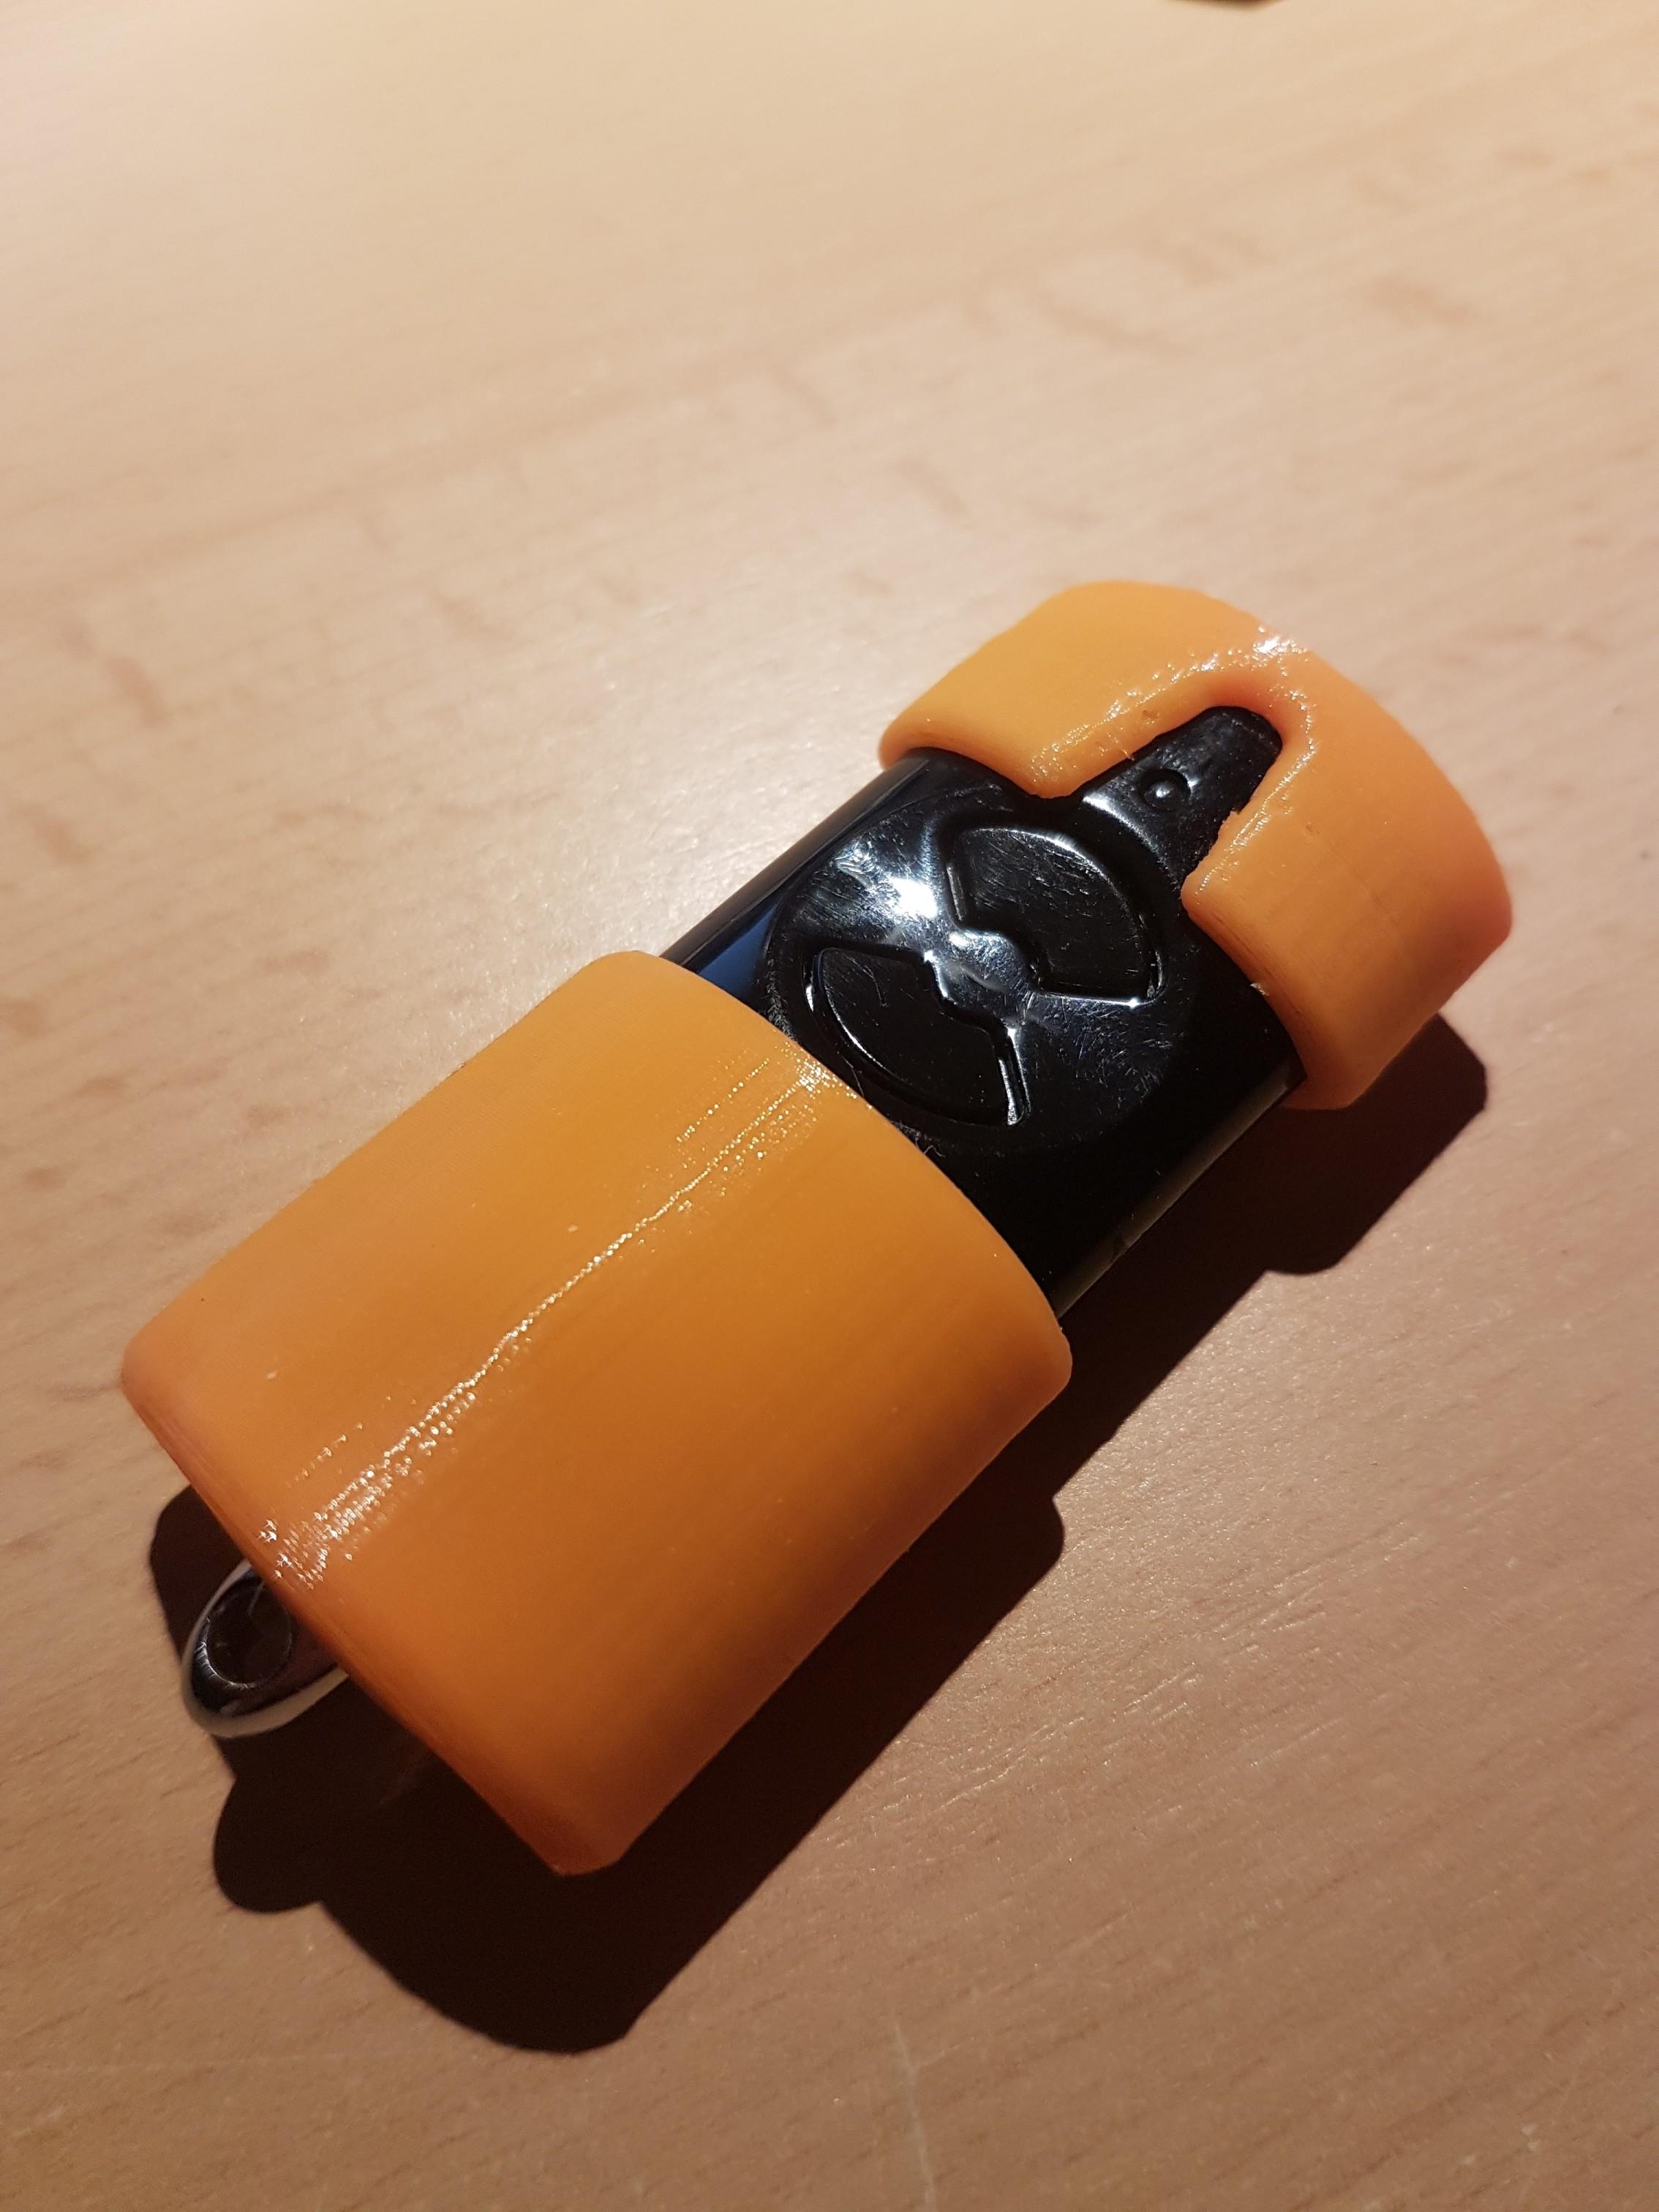 hormann.jpg Télécharger fichier STL gratuit Hormann HSE2-868-BS Mallette de protection • Modèle imprimable en 3D, touchthebitum